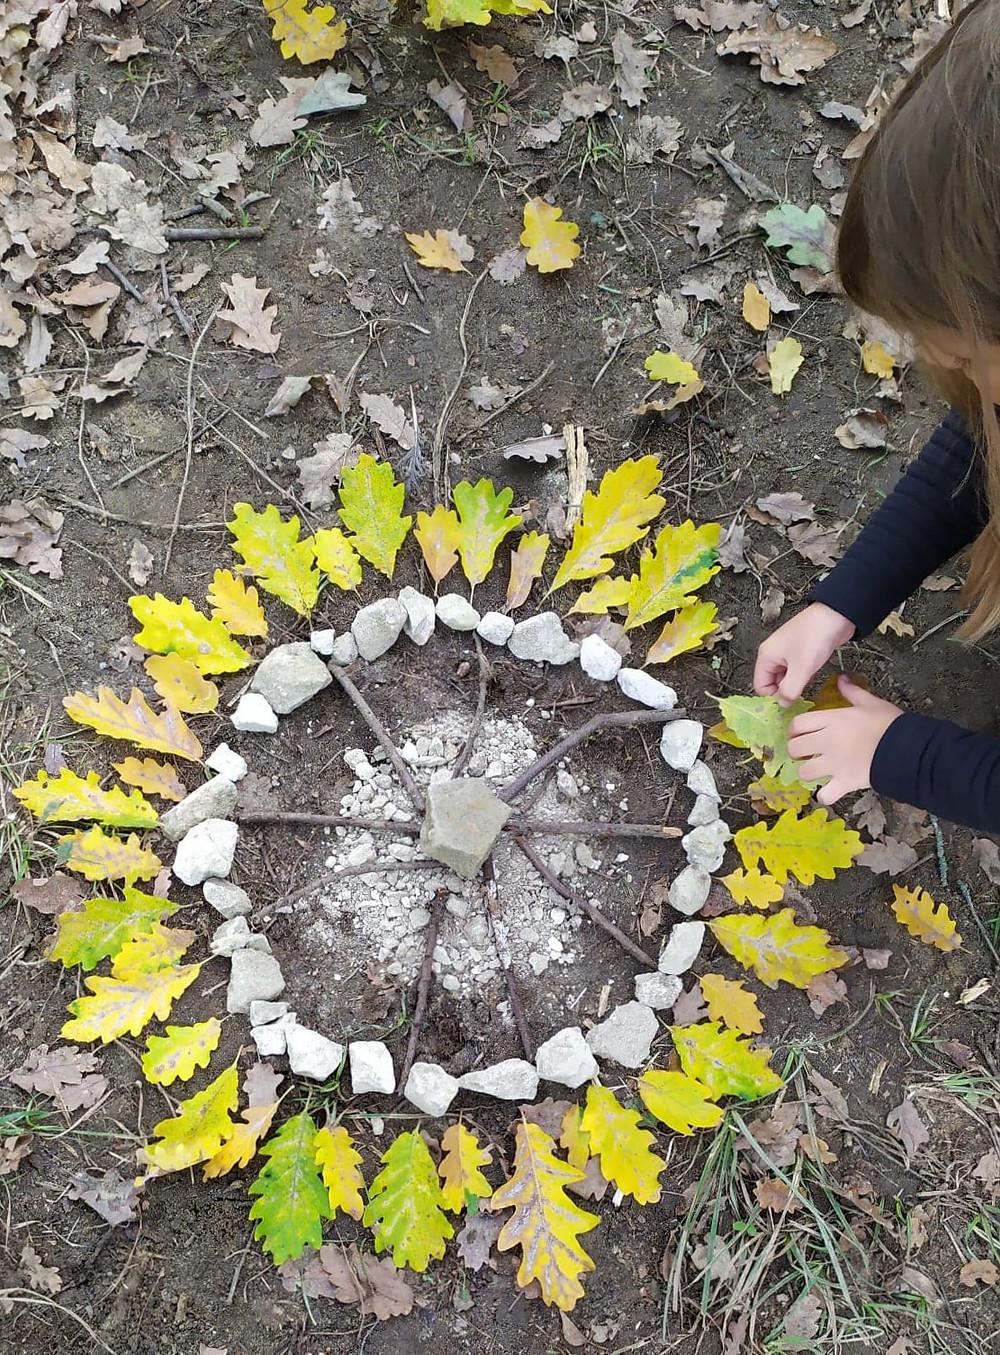 cercle de cailloux et de feuille fait par un enfant